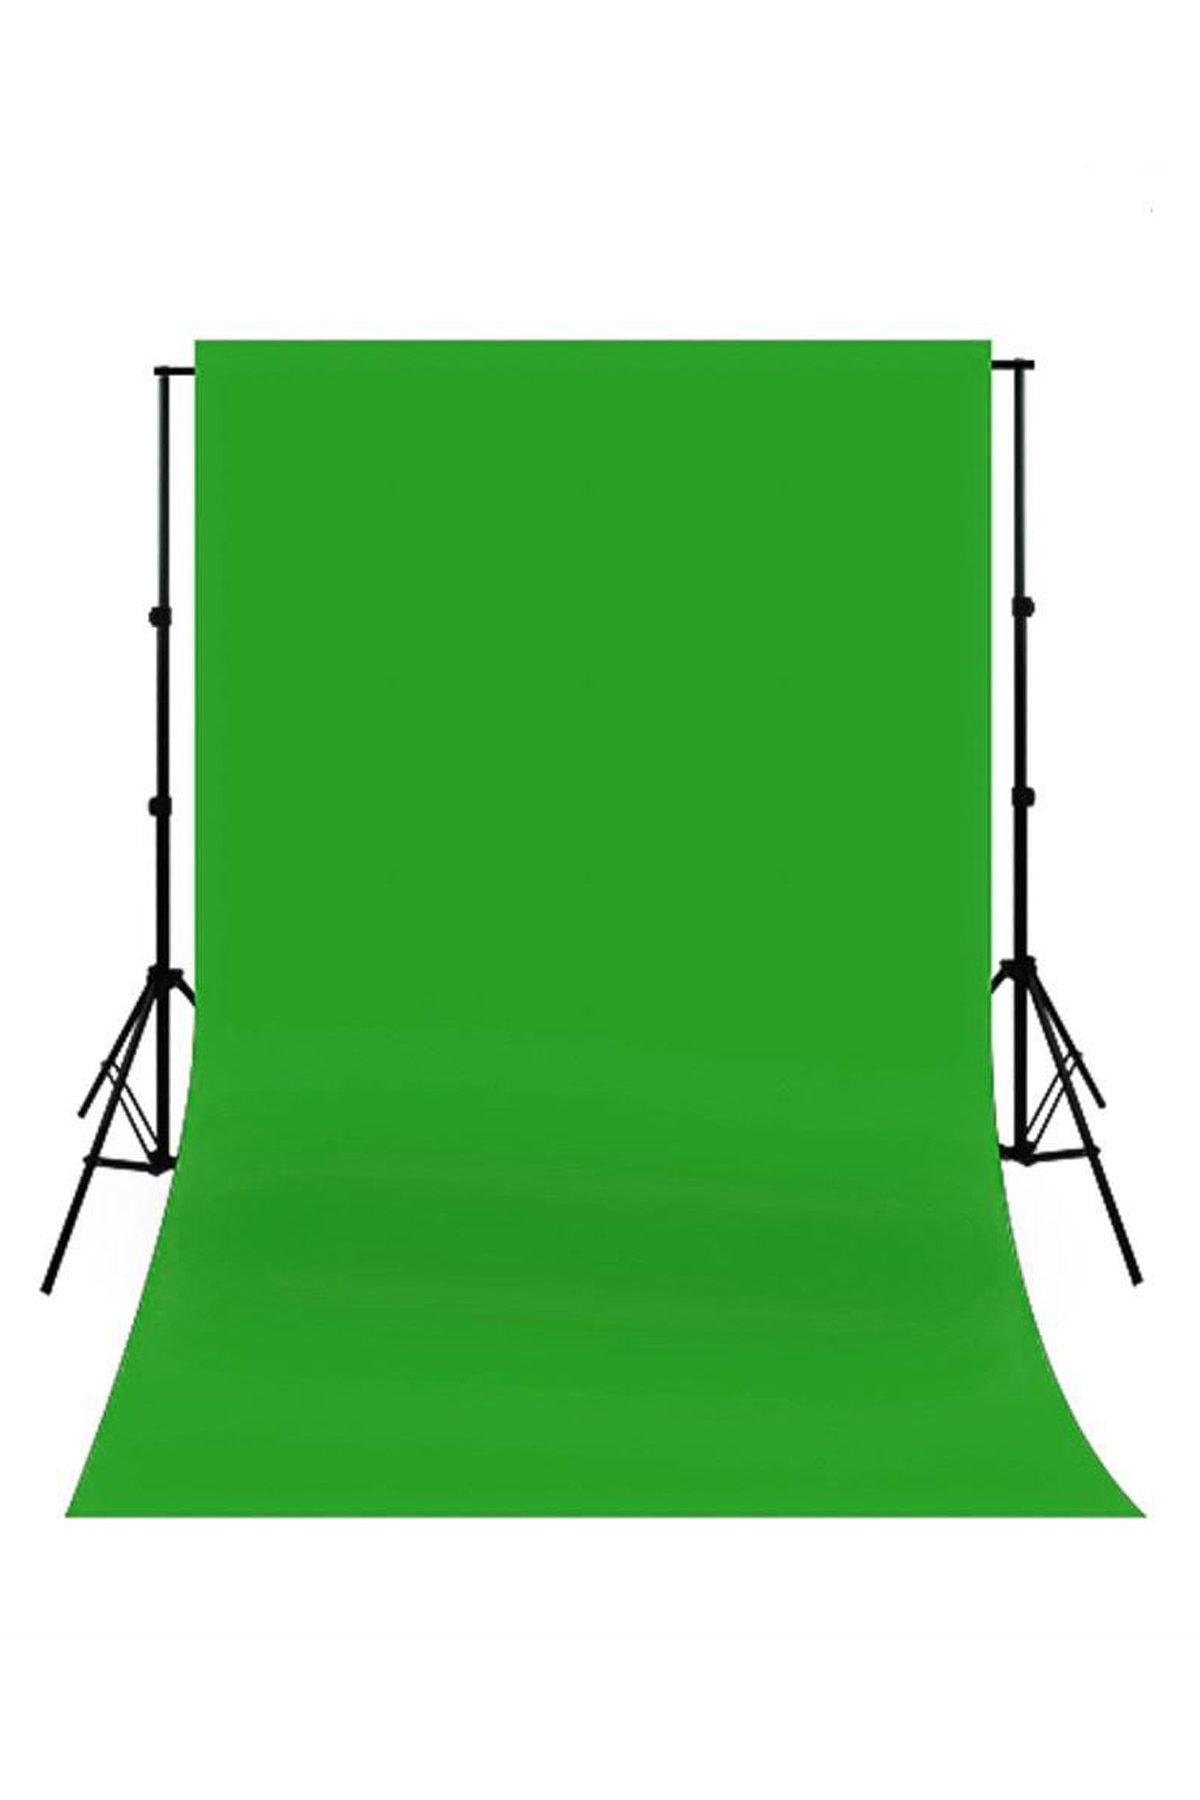 Chromakey- Green Screen Greenbox Yeşil Fon Perde(3 x 3 m)